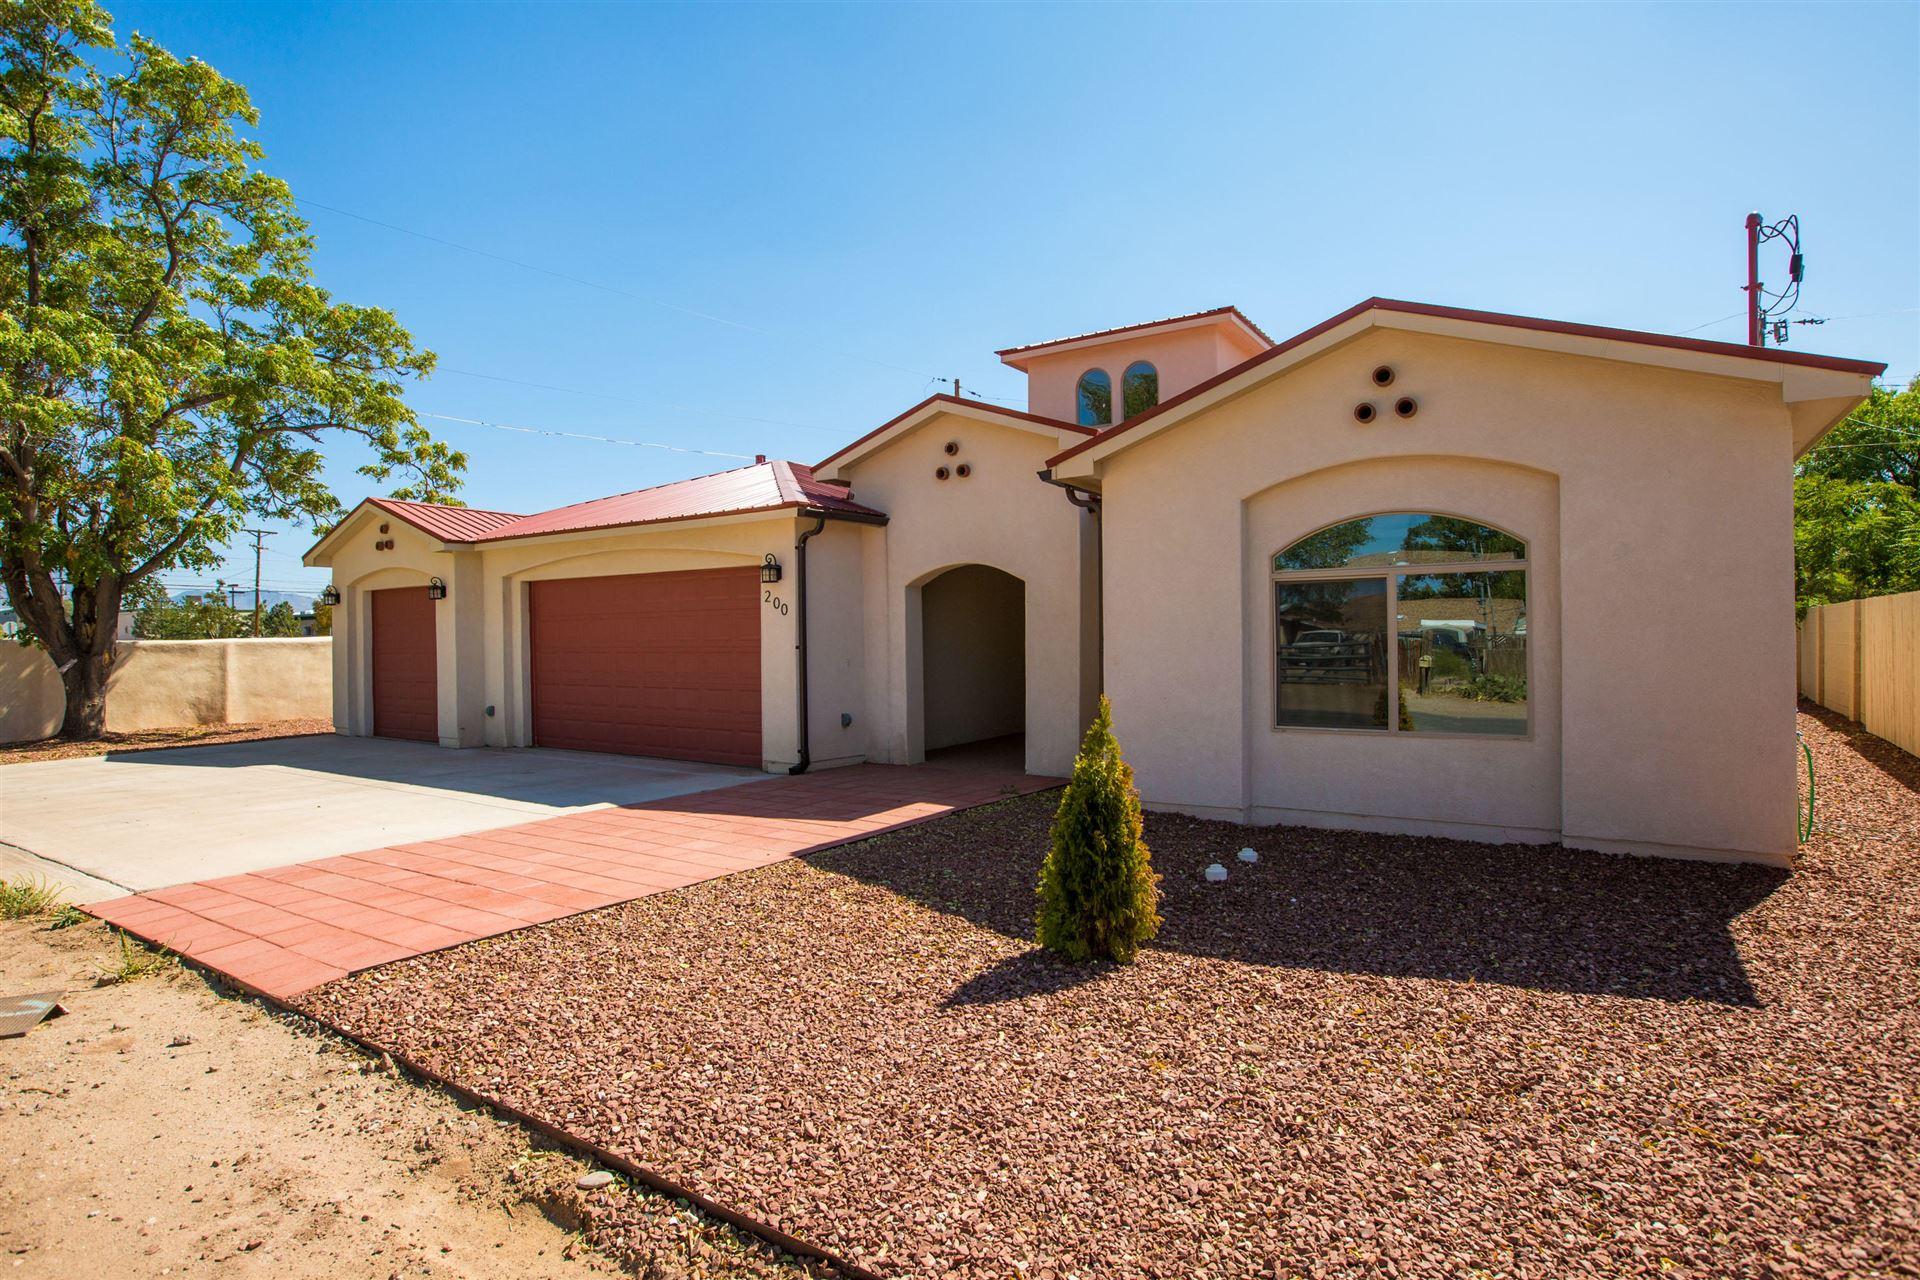 Photo of 200 PUEBLO SOLANO Road NW, Albuquerque, NM 87107 (MLS # 978016)